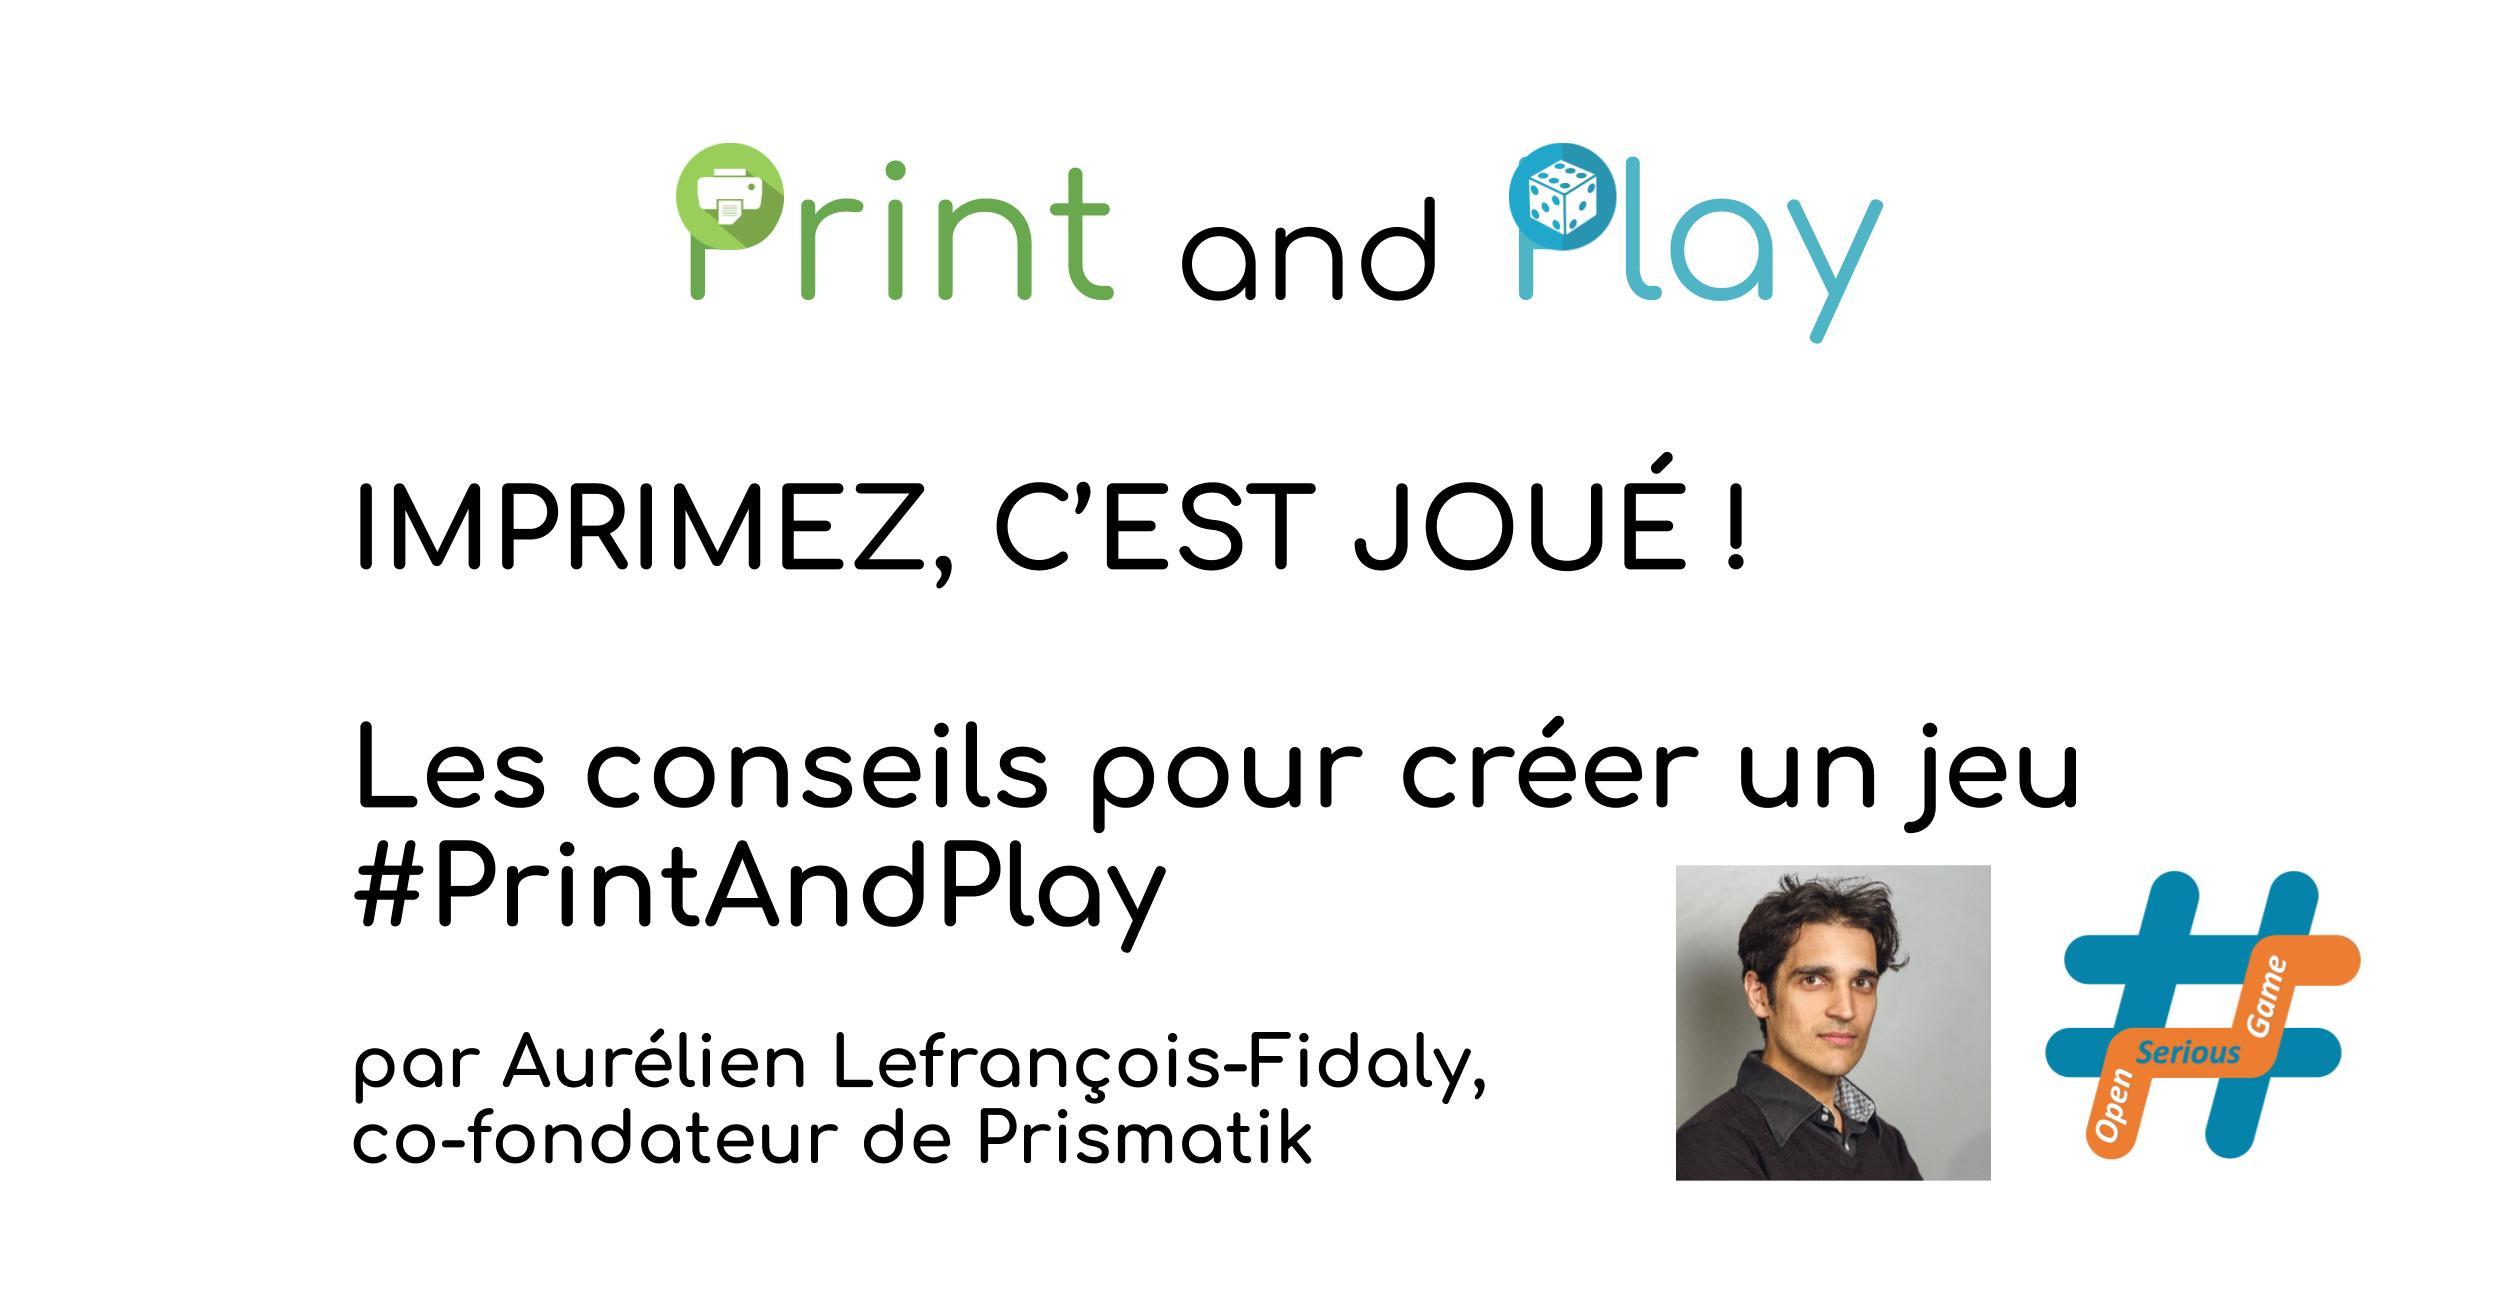 Imprimez c'est joué ! le PrintAndPlay par Aurélien Lefrançois-Fidaly, co-fondateur de Prismatik